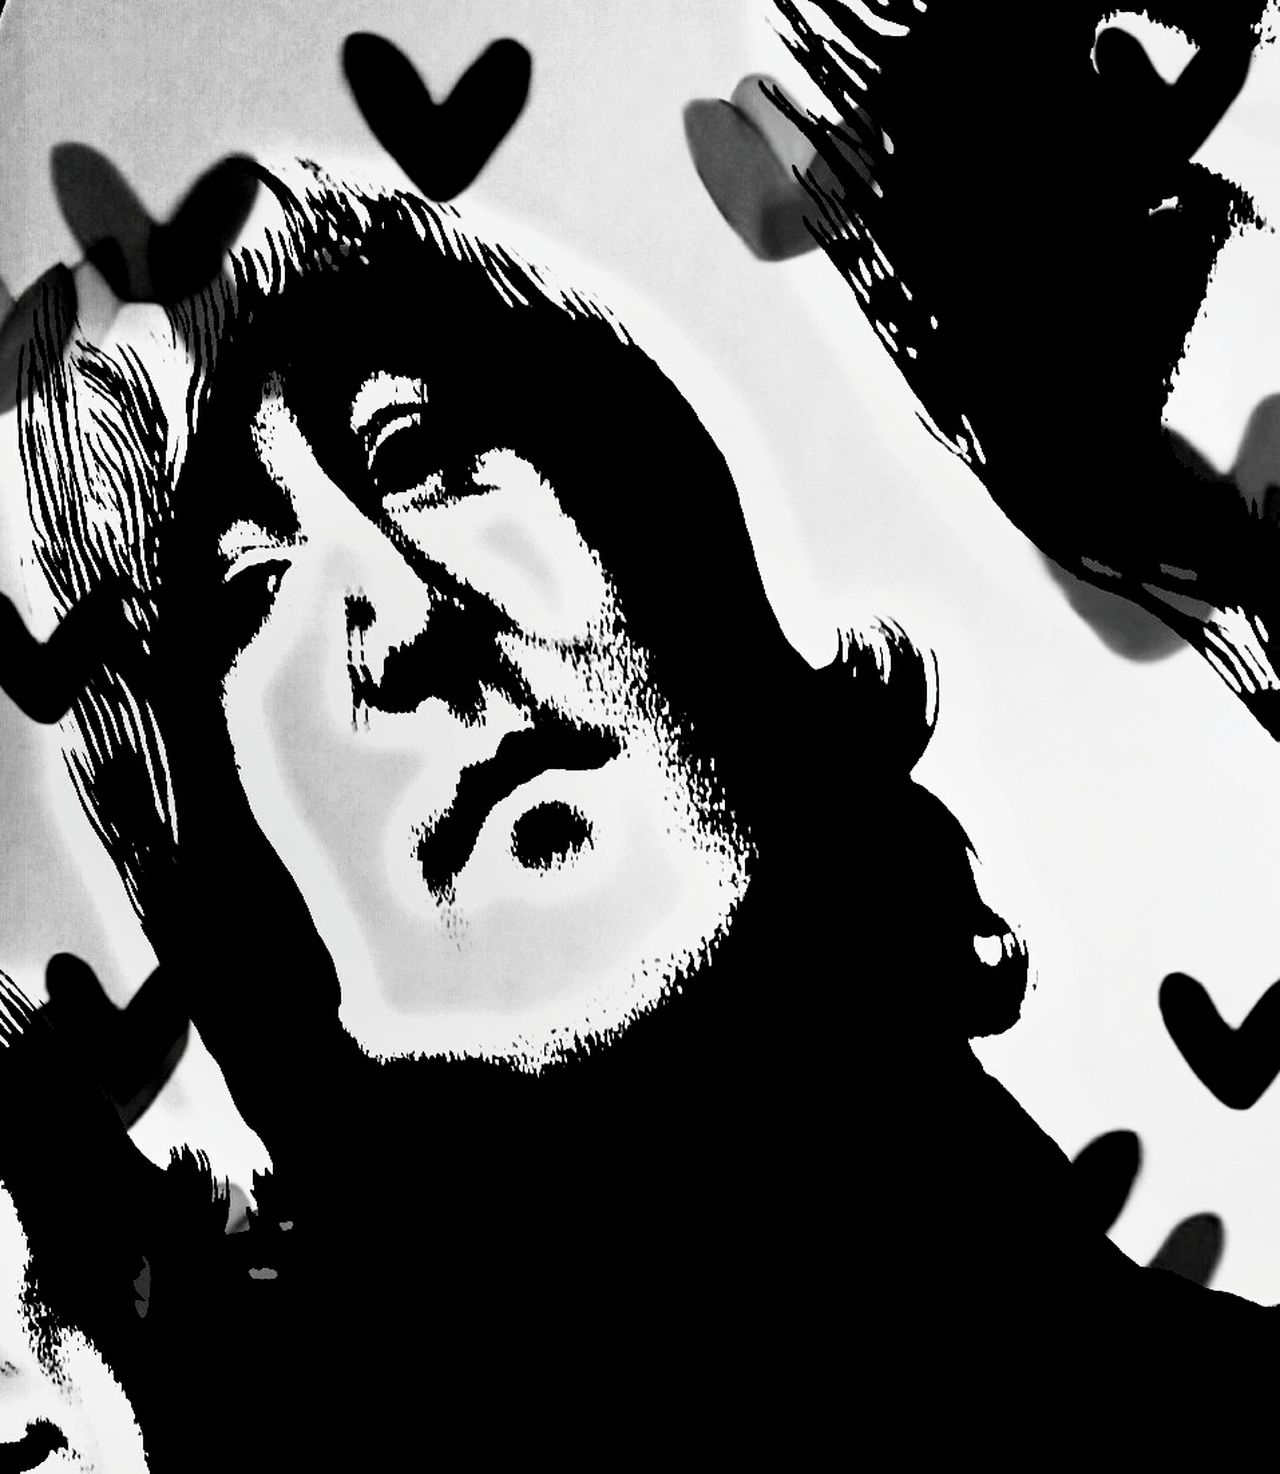 Lennonlovers Thebeatles Johnpaulgeorgeringo Beatles4ever Rock Thebeatles Musiclover Black & White Johnlennonvibes